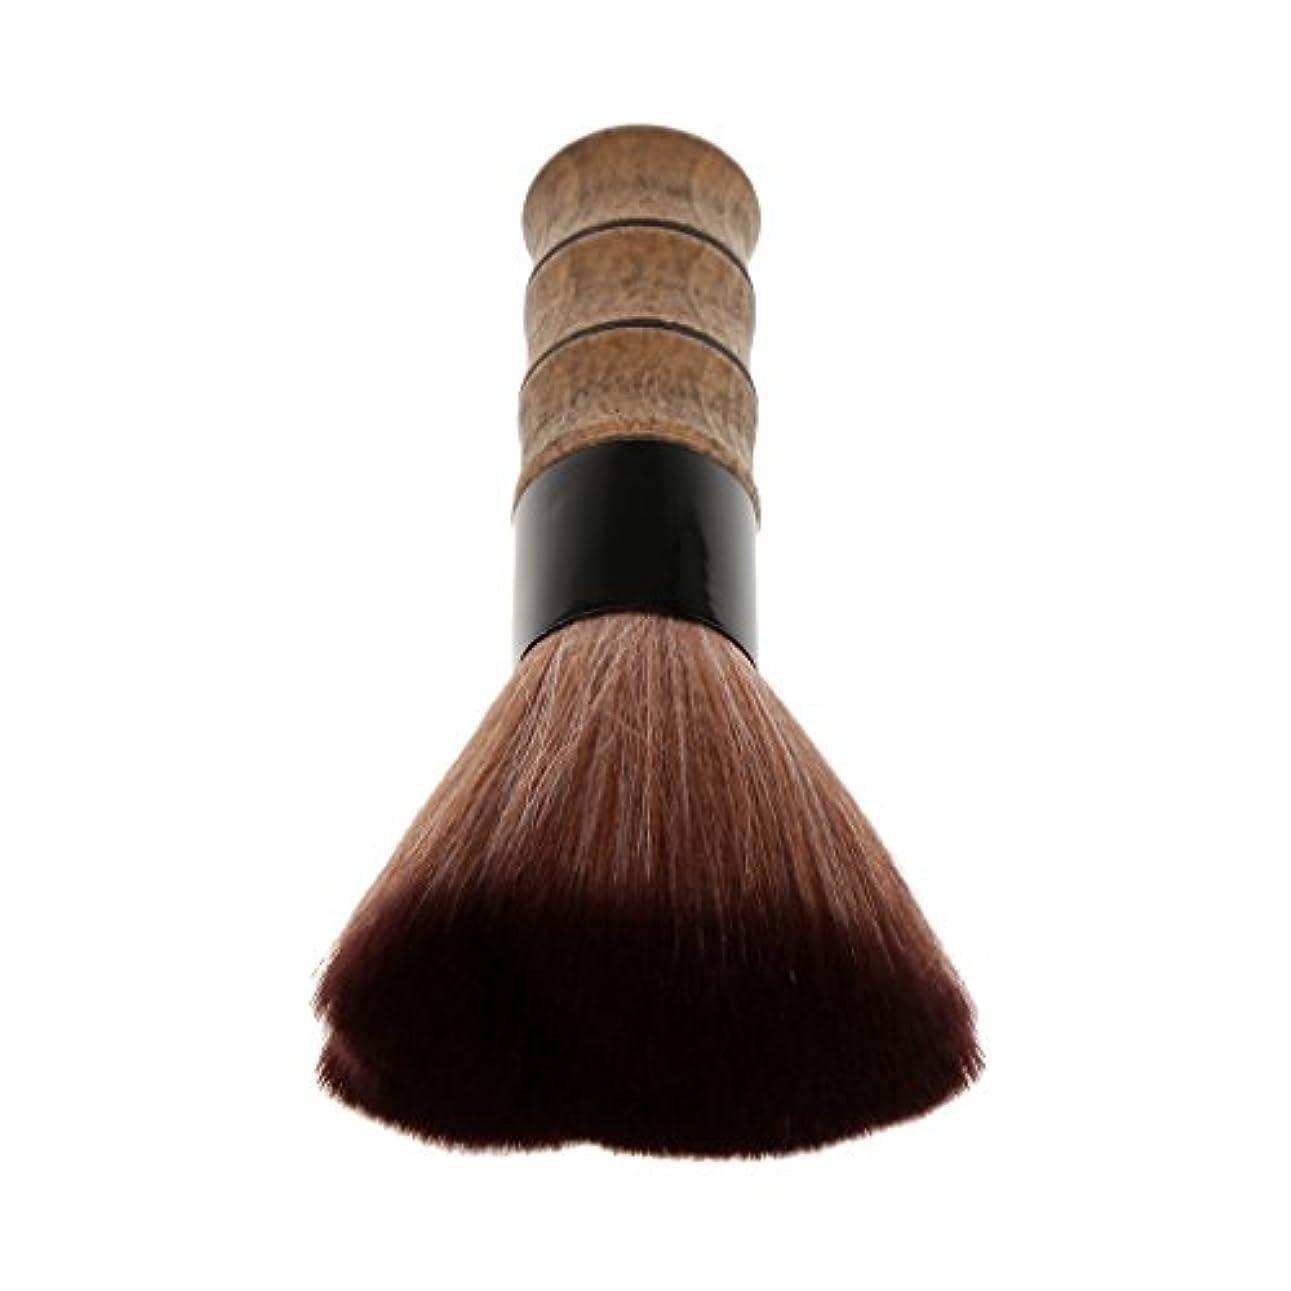 机高齢者立ち向かうメイクブラシ シェービングブラシ 超柔らかい 繊維 木製ハンドル 泡立ち 快適 洗顔 プレゼント 2色選べる - 褐色